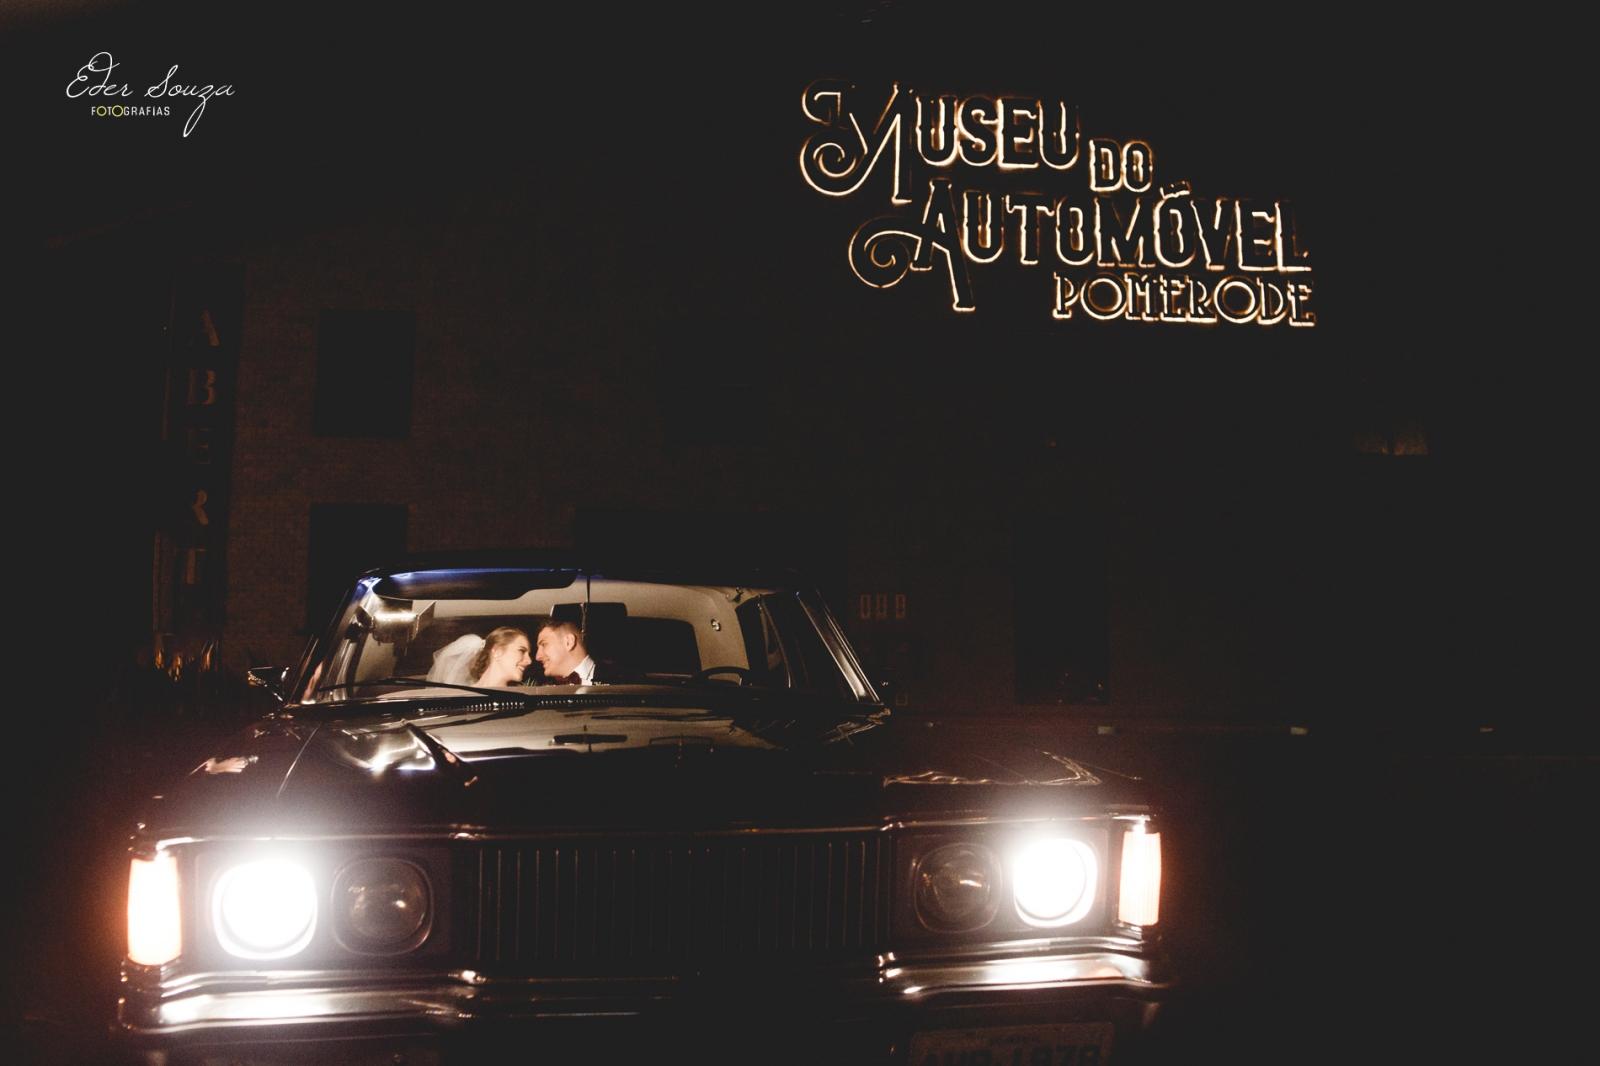 Museu do Automóvel Pomerode SC